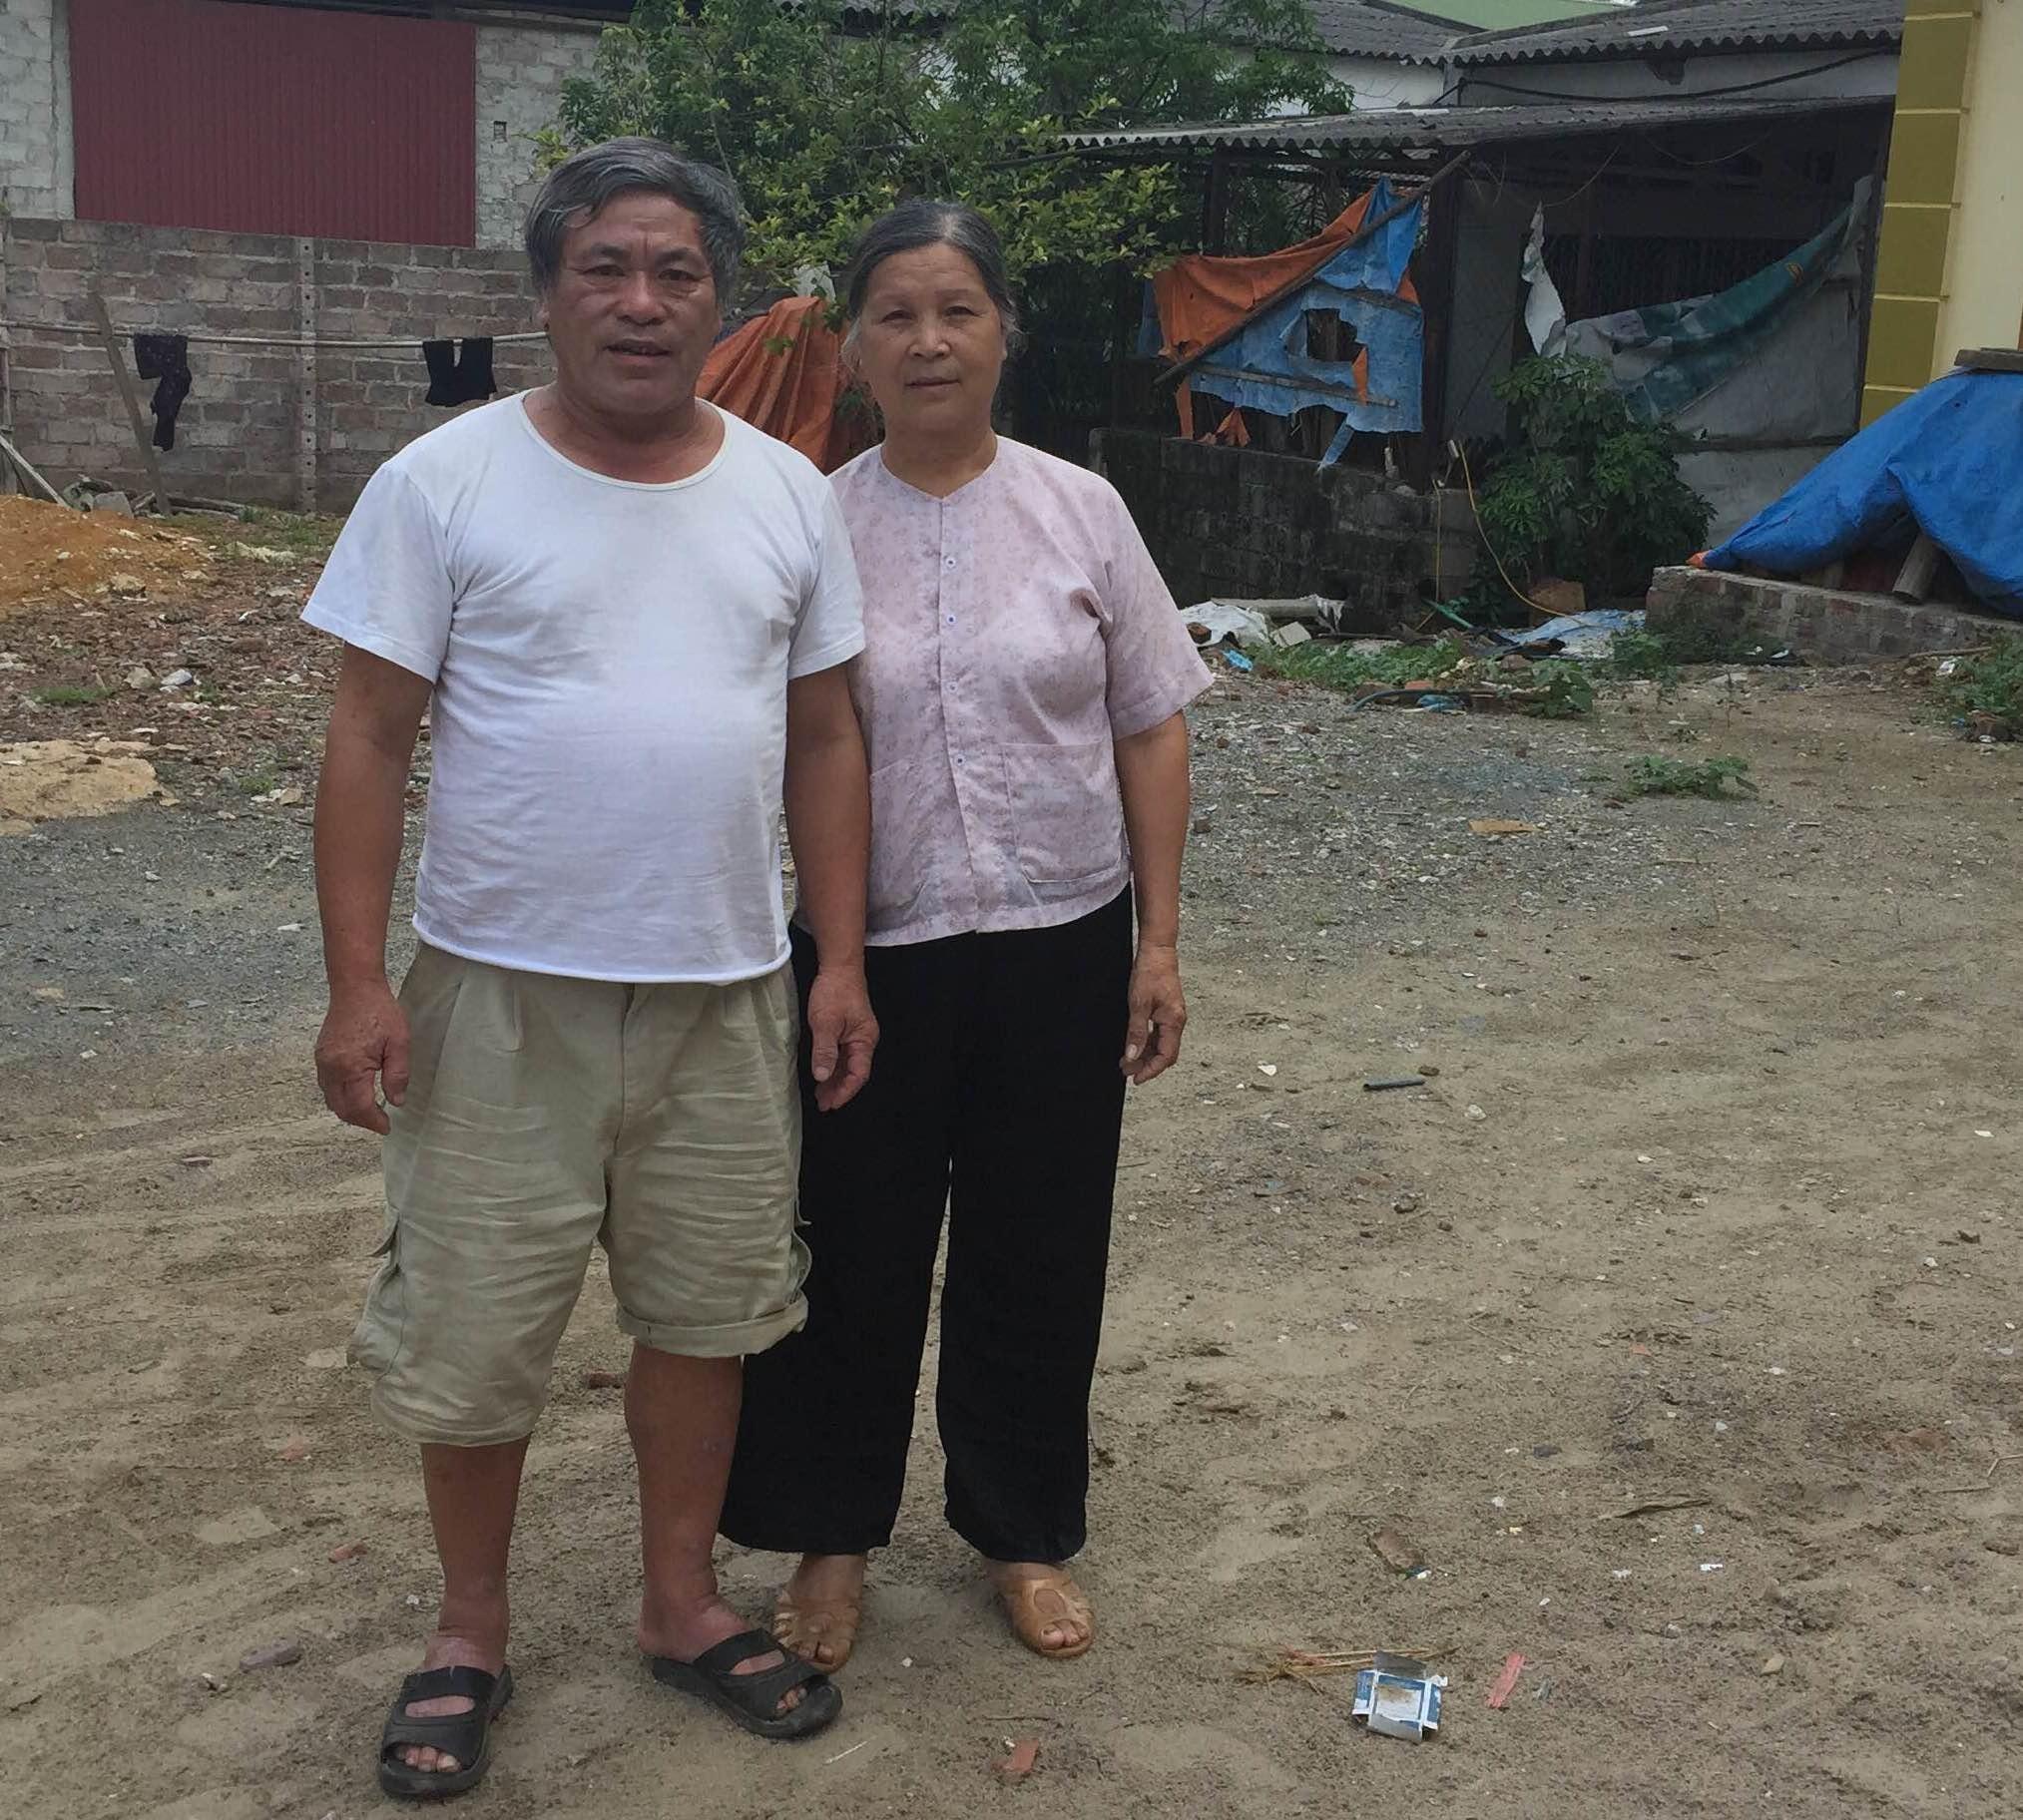 Vợ chồng ông Mông Sài Hồ cho rằng bị khởi tố oan trong vụ án.